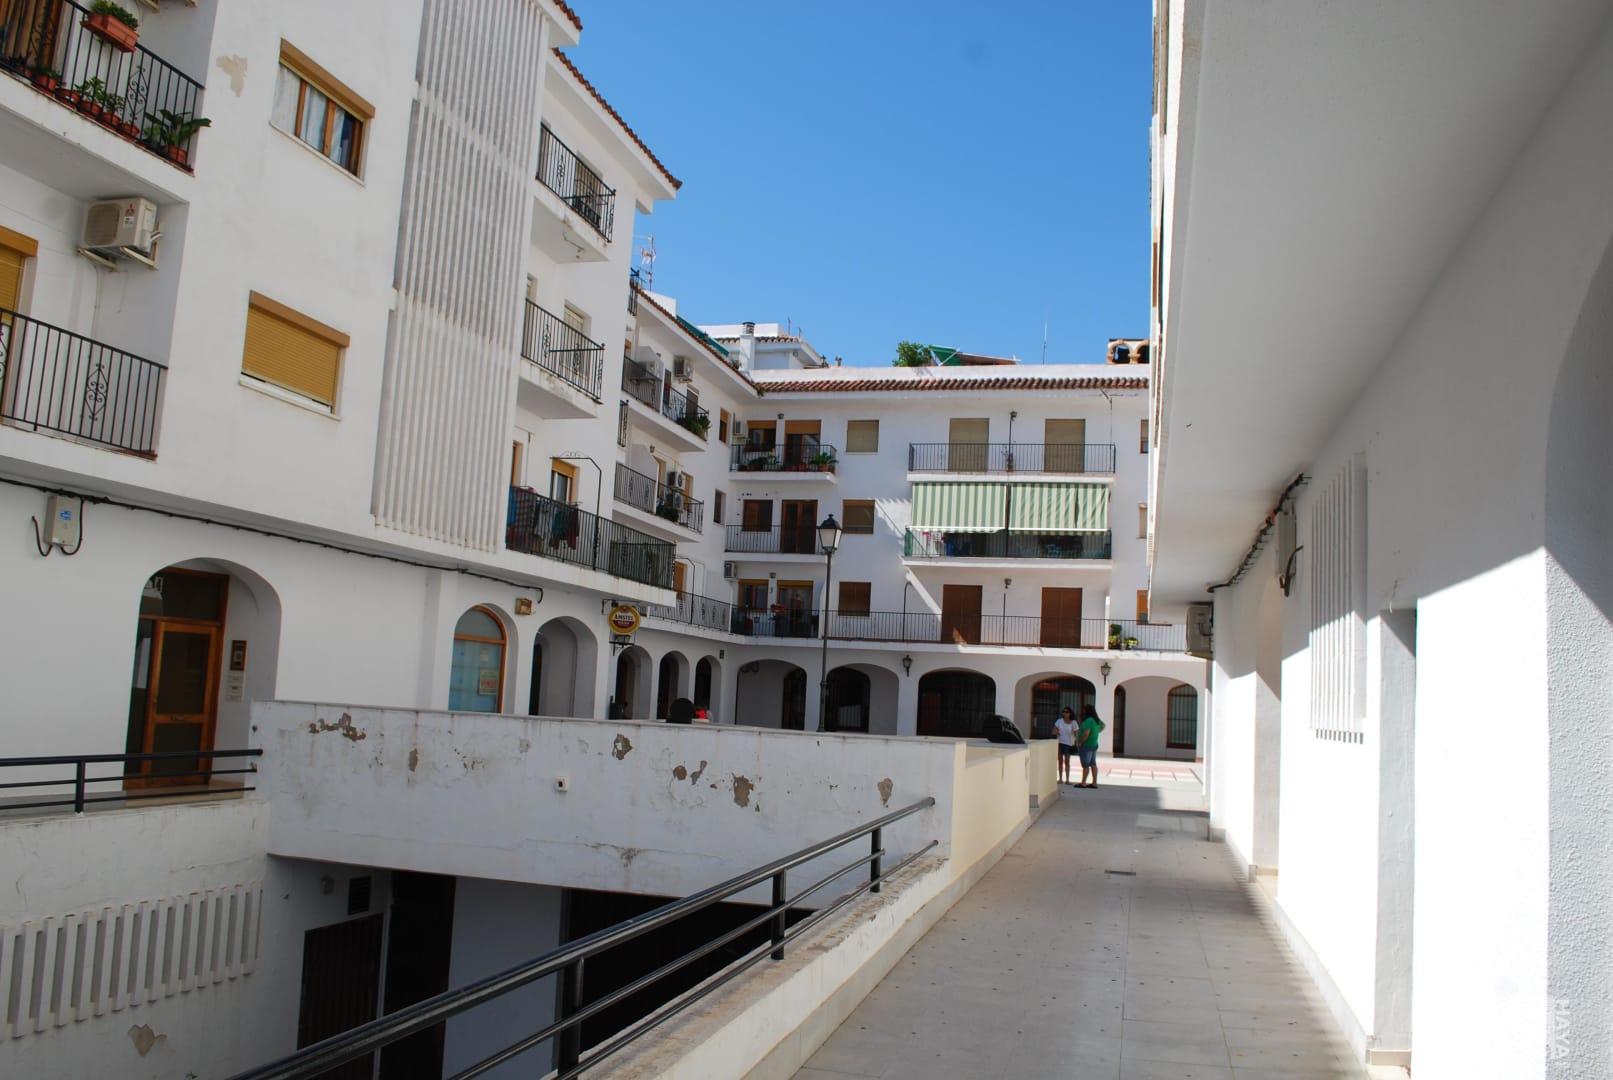 Piso en venta en Pego, Alicante, Plaza Constitucio, 78.000 €, 3 habitaciones, 2 baños, 143 m2